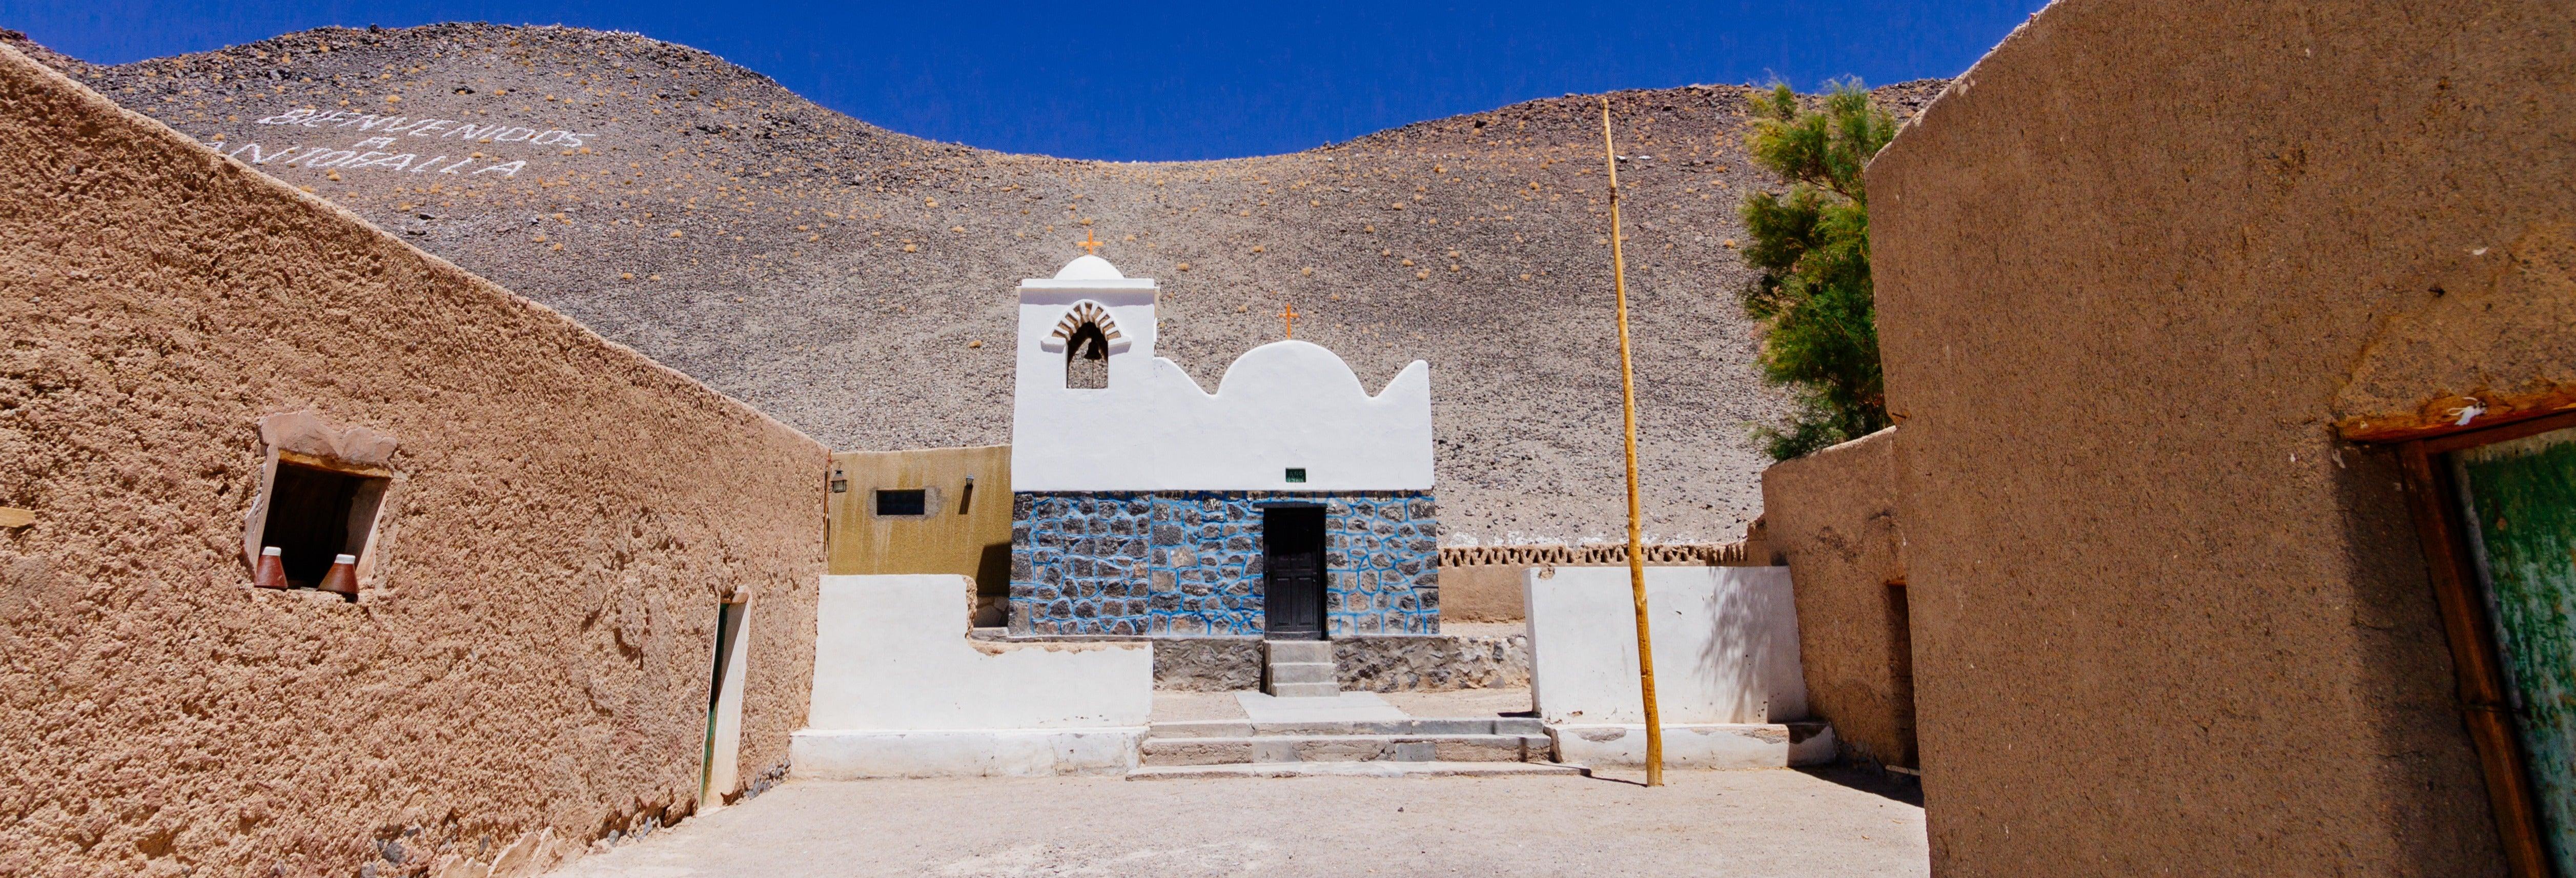 Excursión privada a Antofalla